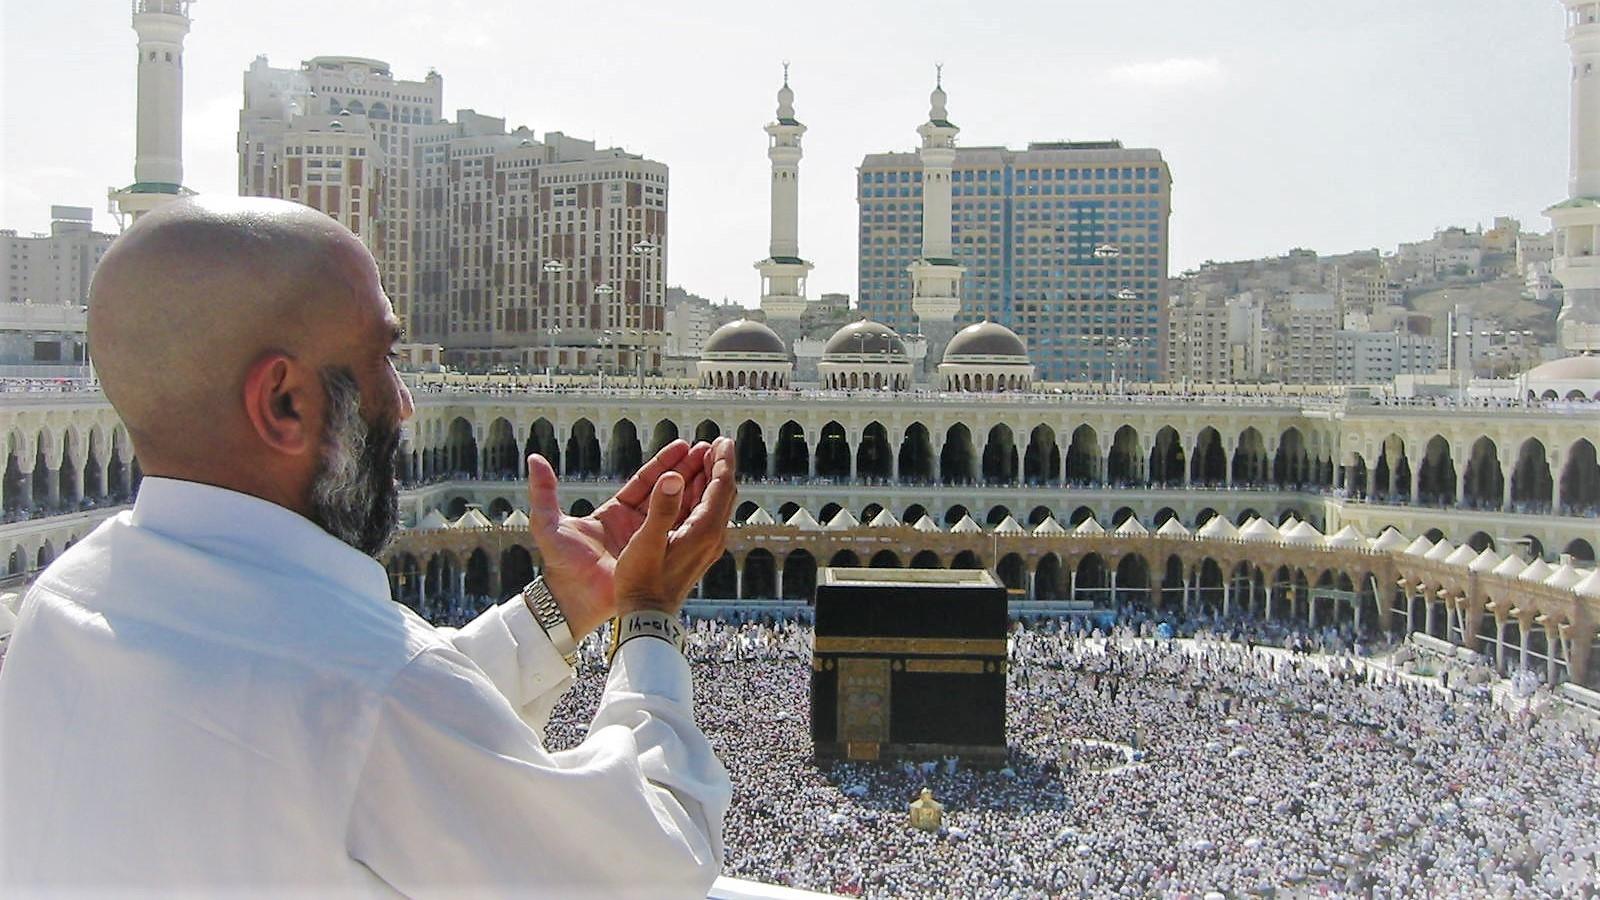 السعودية تعلن رسمياً عودة أداء العمرة ودخول المسجد الحرام والسماح بالصلاة وزيارة الروضة الشريفة 1